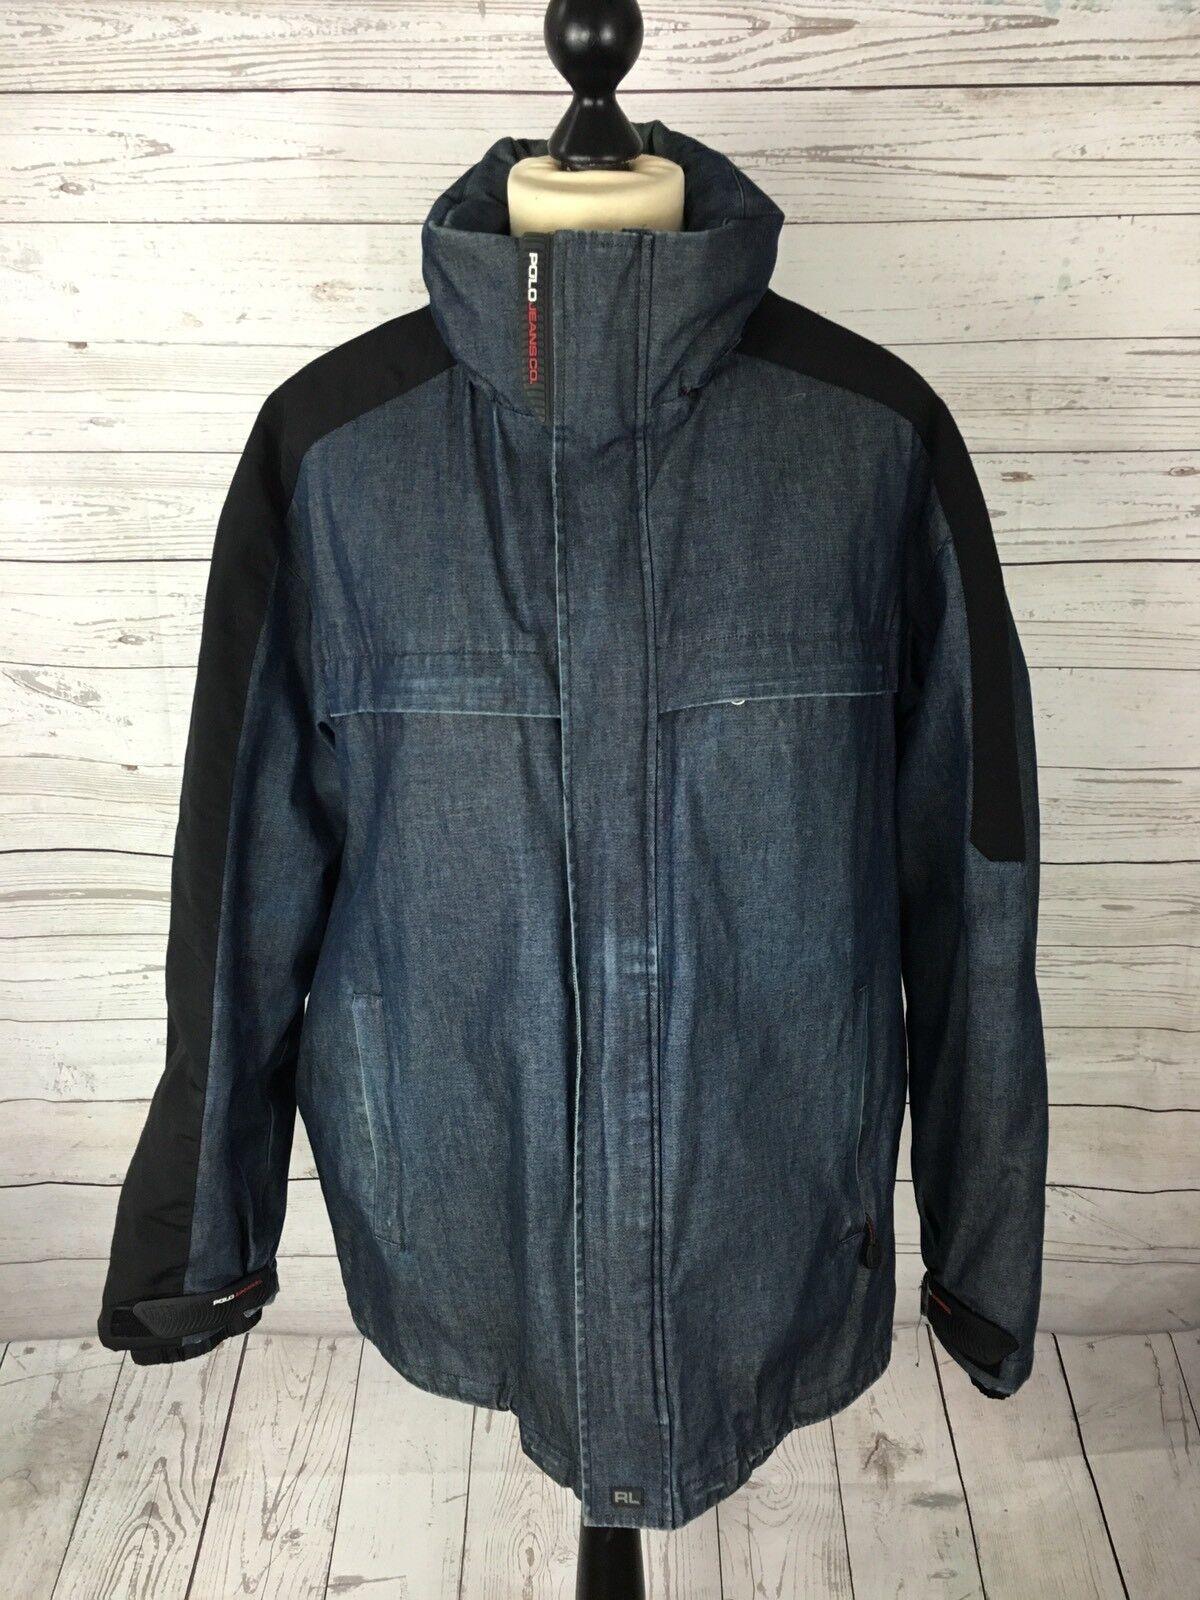 RALPH LAUREN POLO Denim Fleece Lined Quilted Coat - groß - Great Condition